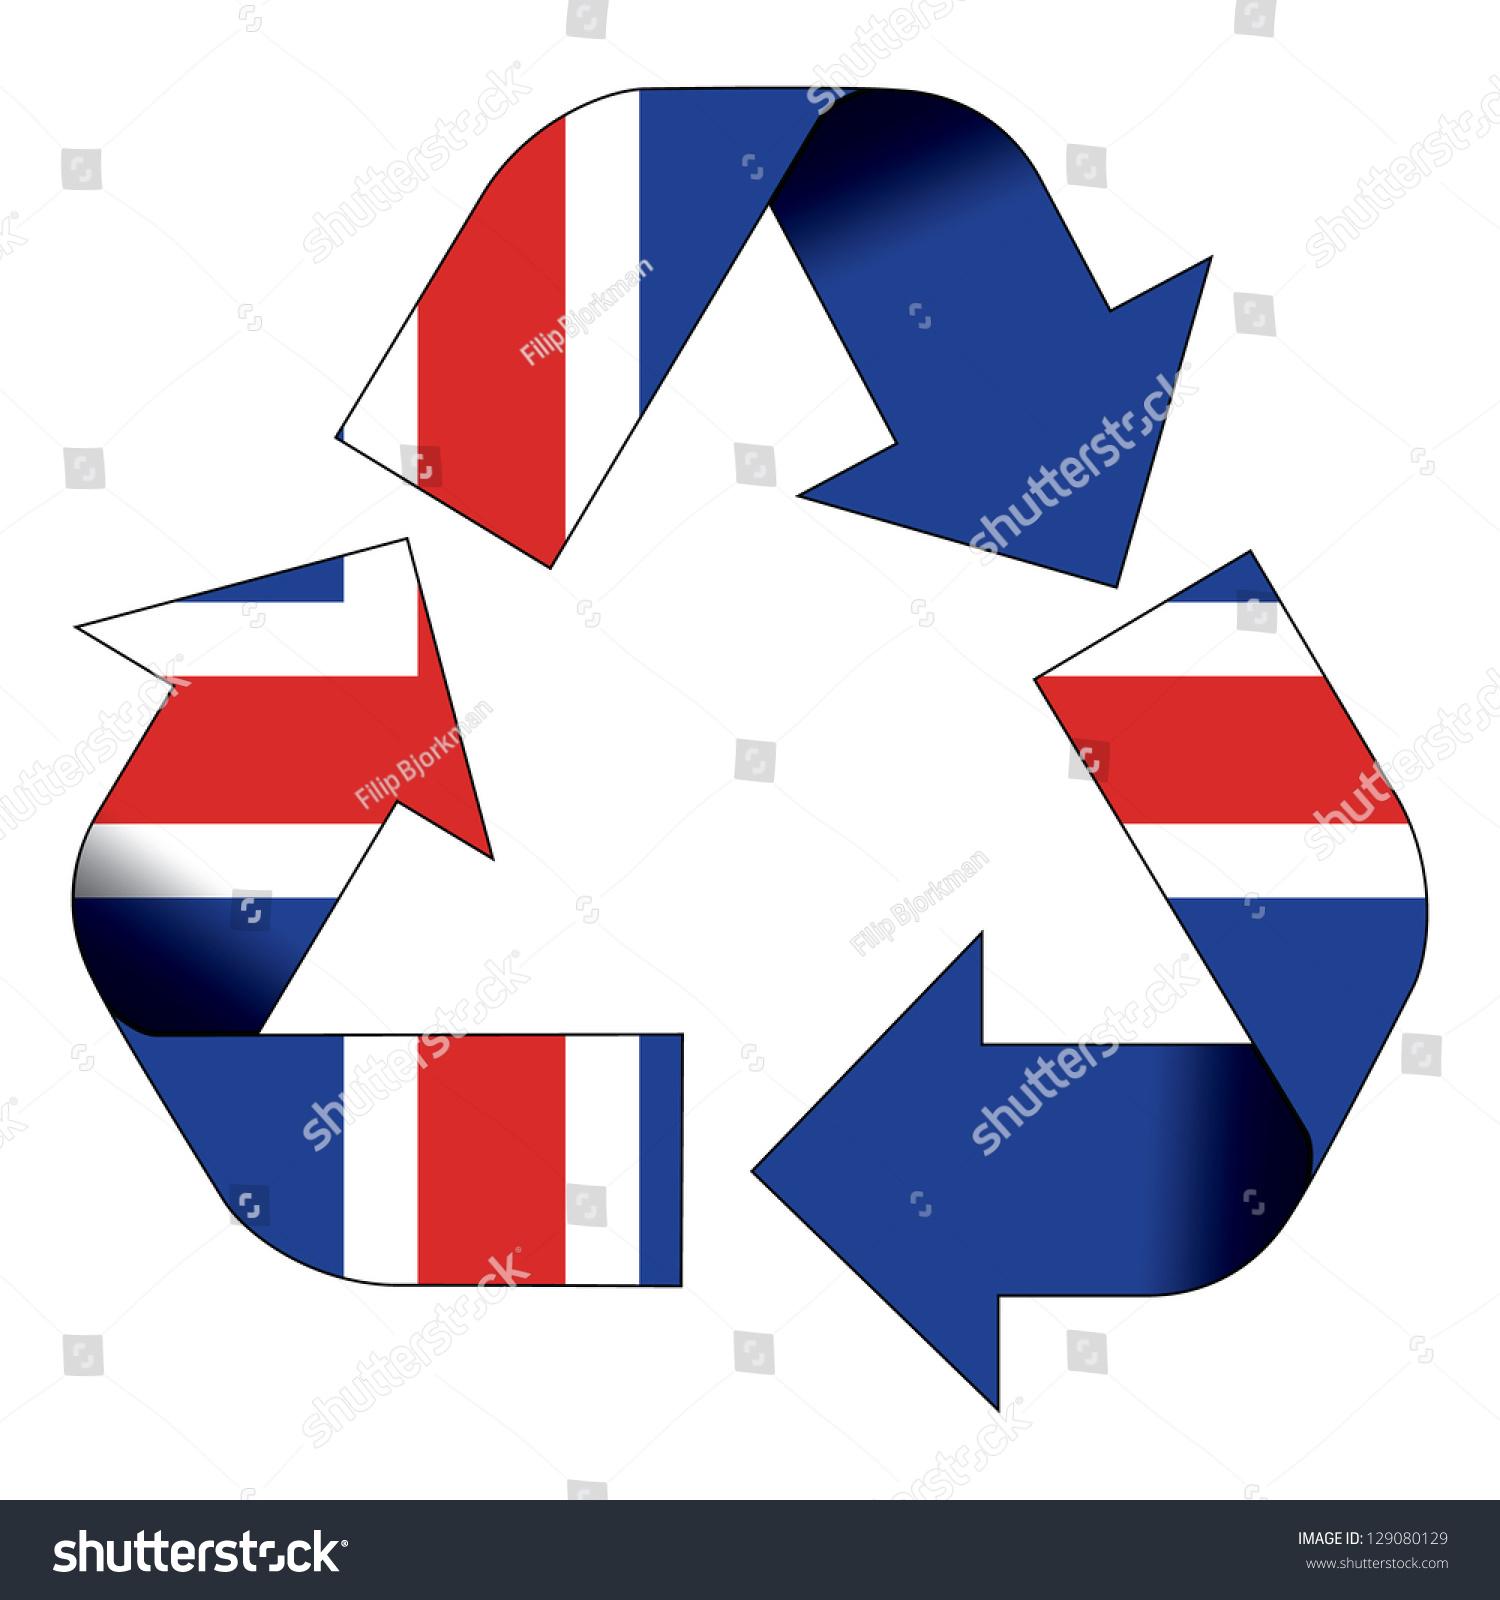 Recycle symbol flag iceland stock illustration 129080129 shutterstock recycle symbol flag of iceland buycottarizona Choice Image